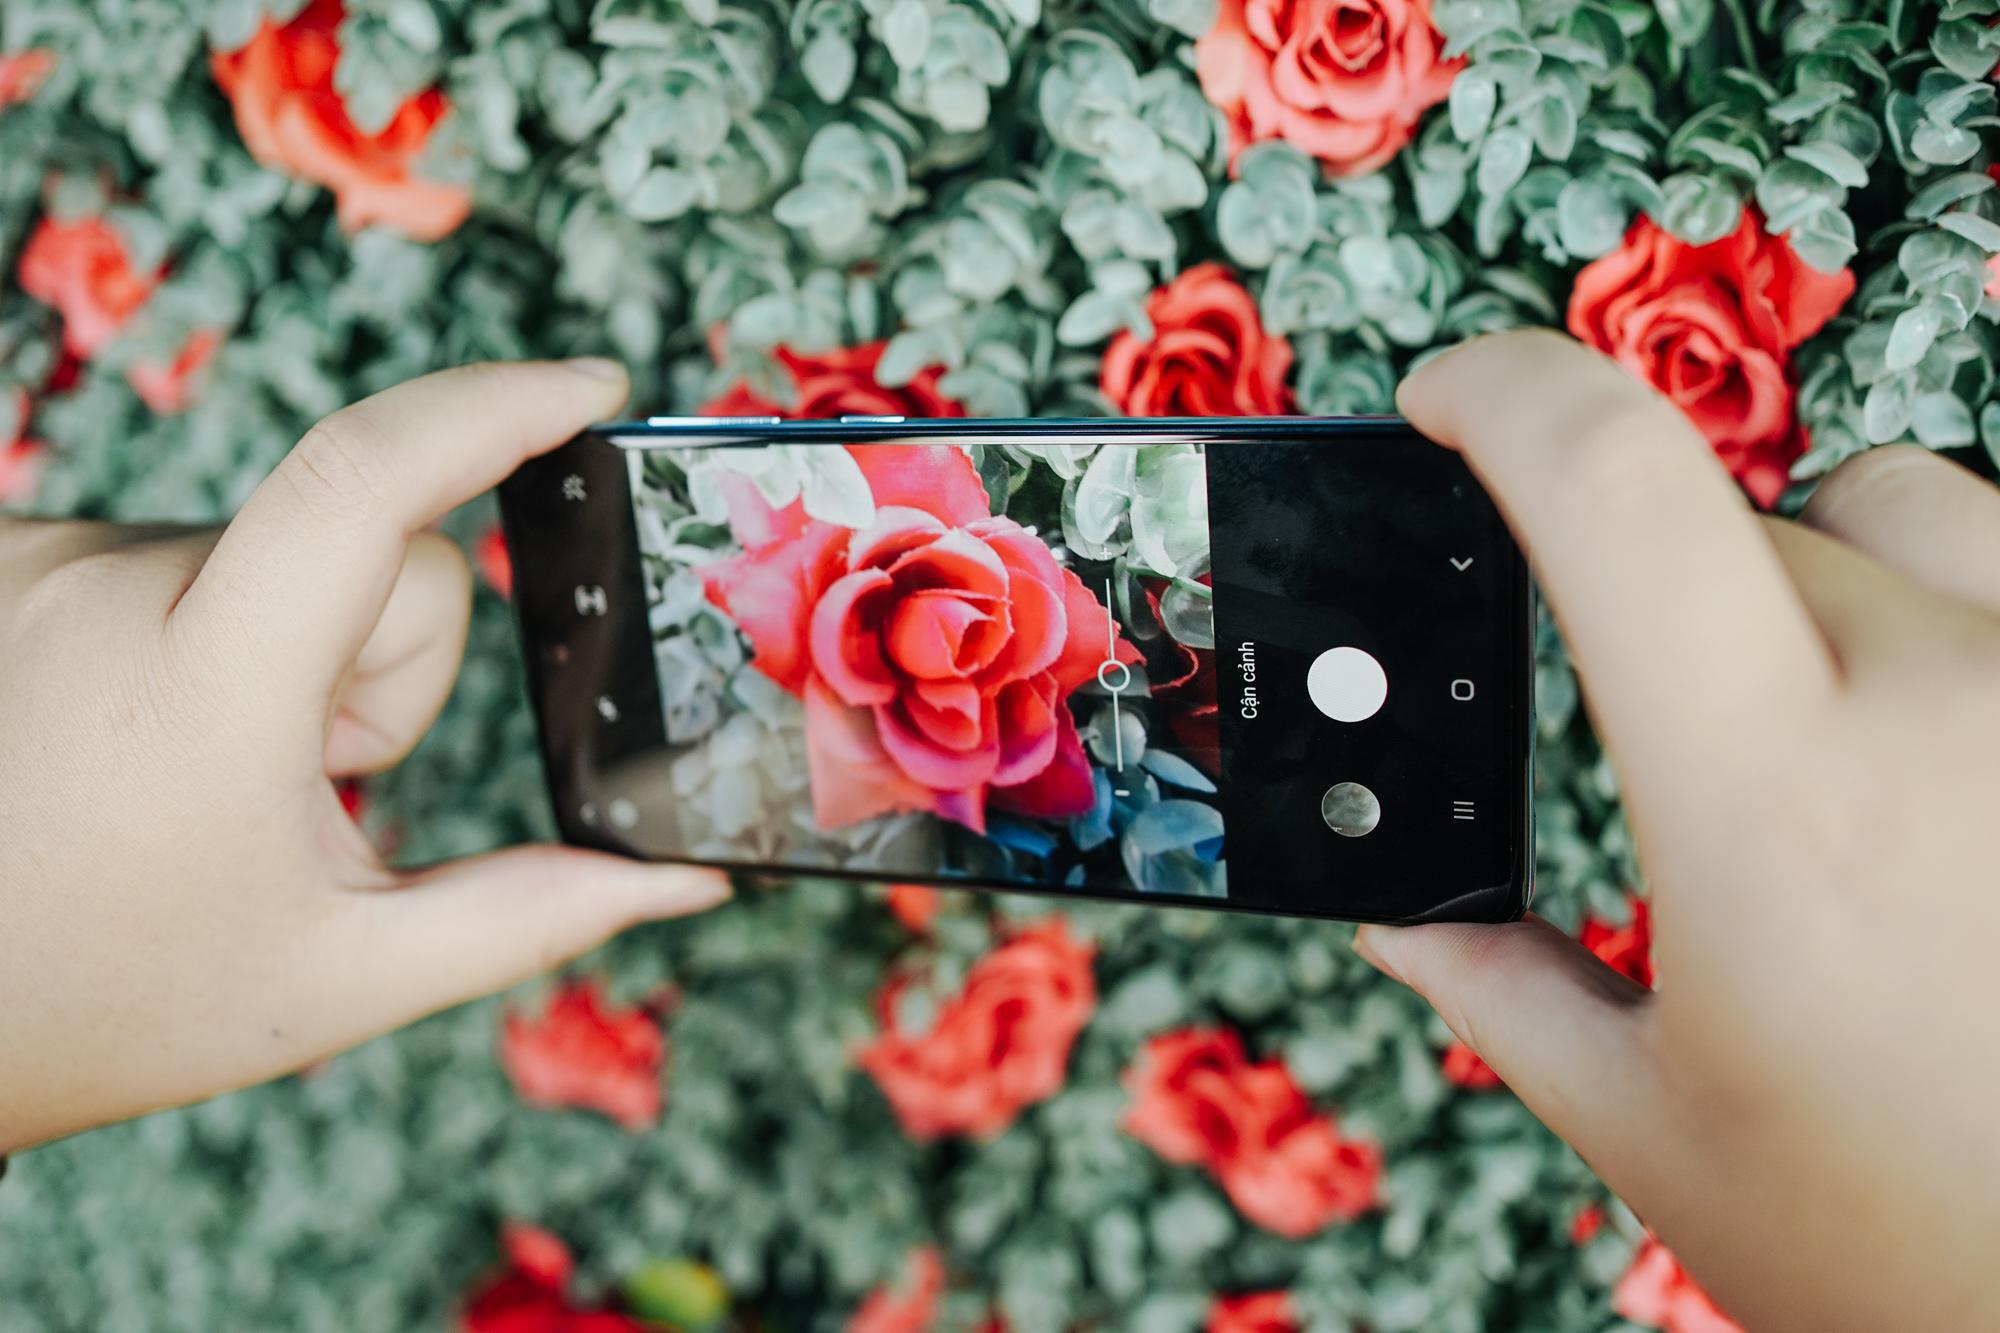 Không cần đi tìm những bức ảnh thật deep trên mạng nữa, bạn có thể tự chụp bằng Galaxy A51 - Ảnh 3.